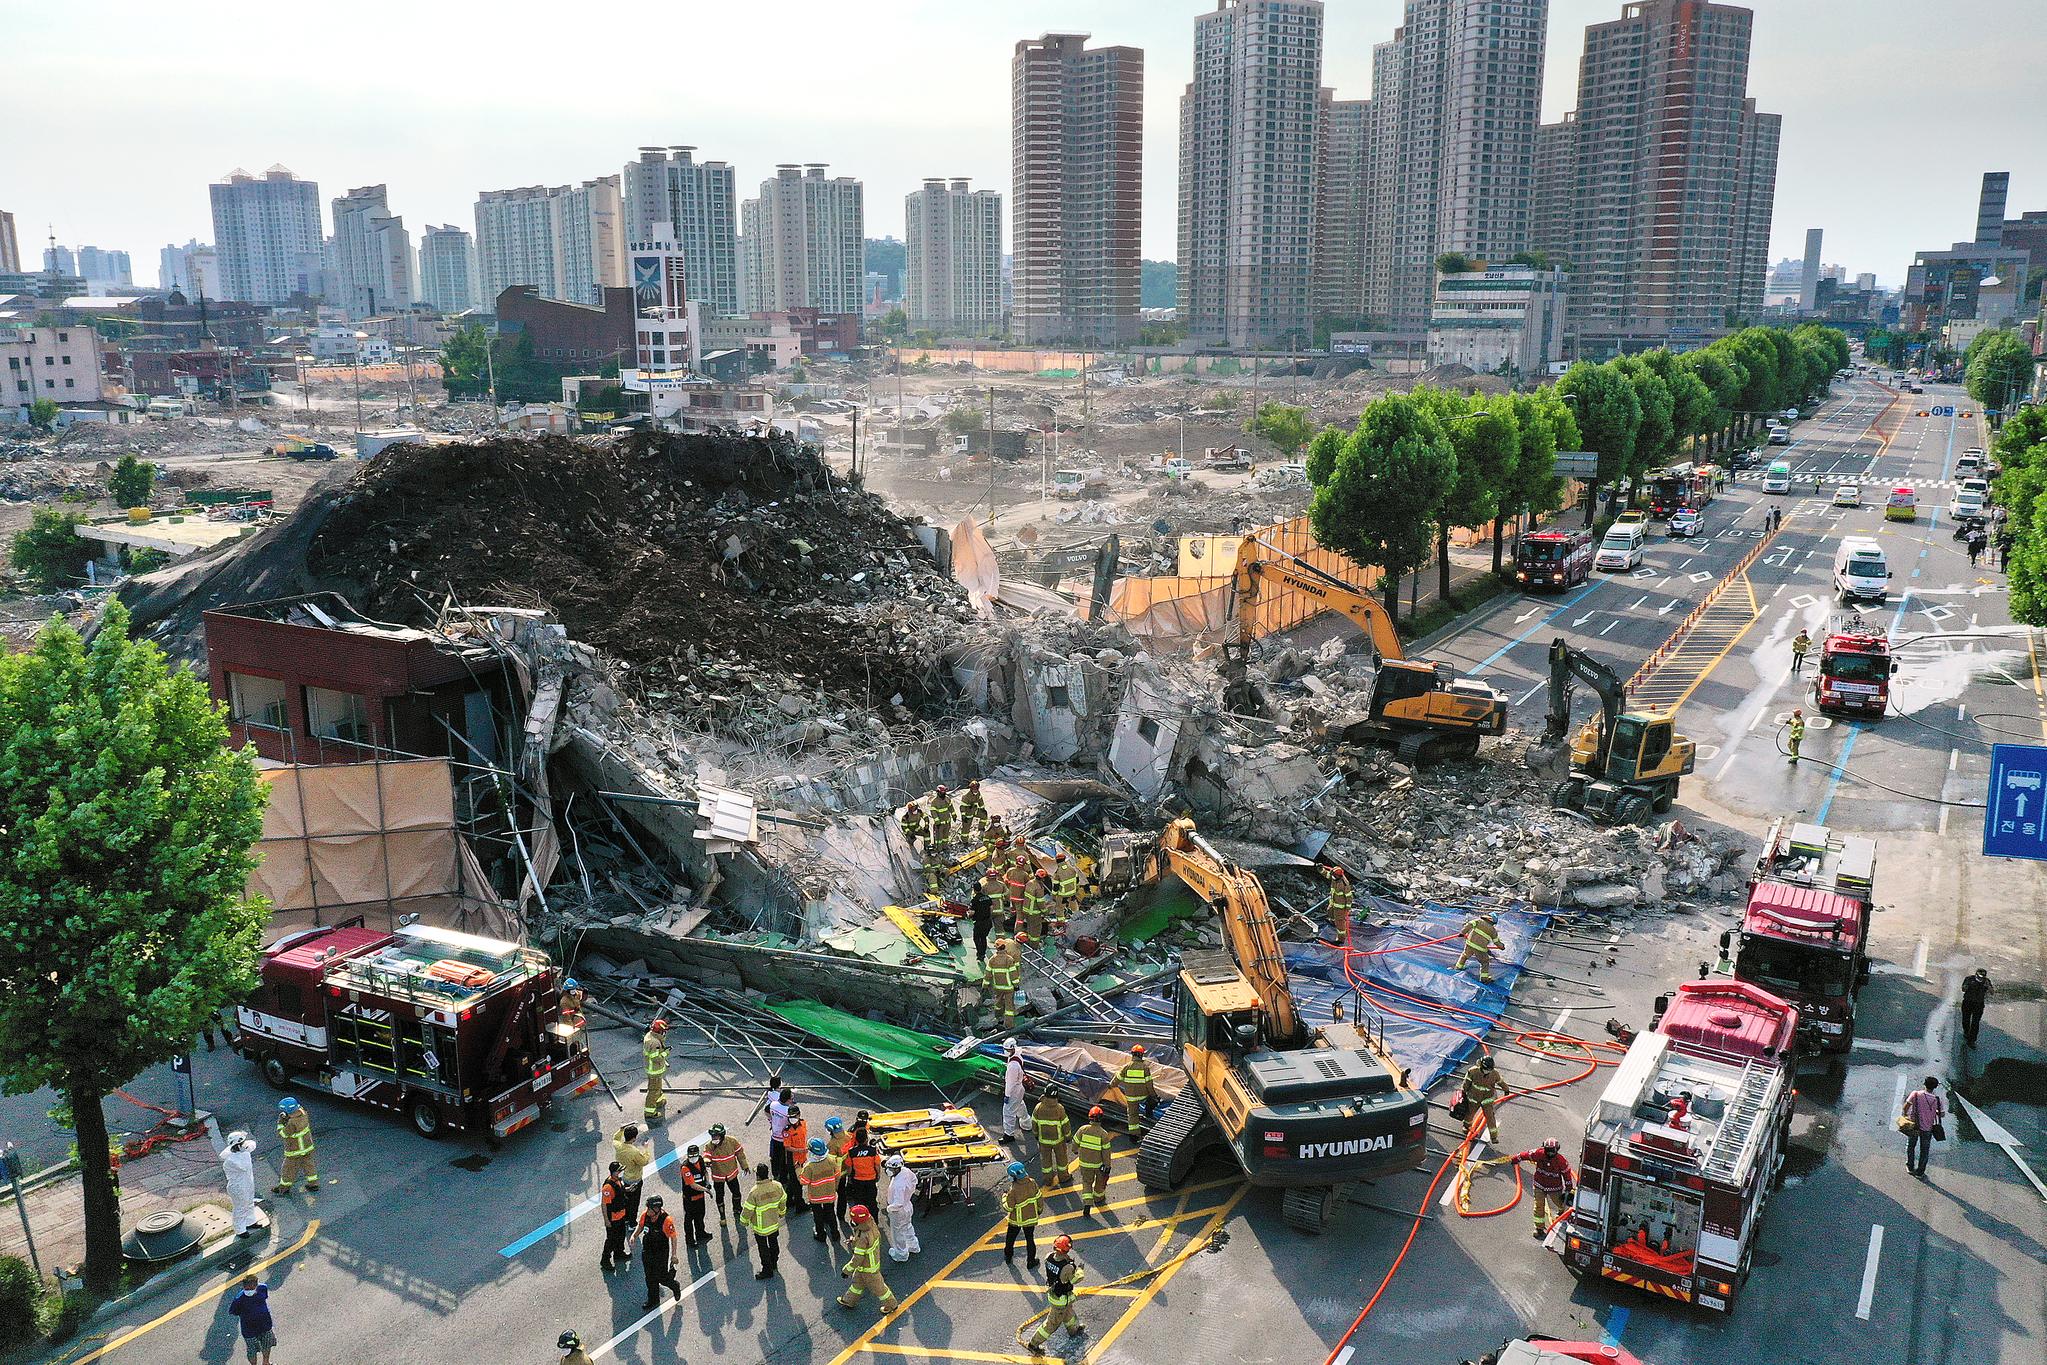 9일 오후 광주 동구 학동의 한 철거 작업 중이던 건물이 붕괴, 도로 위로 건물 잔해가 쏟아져 시내버스 등이 매몰됐다. 연합뉴스